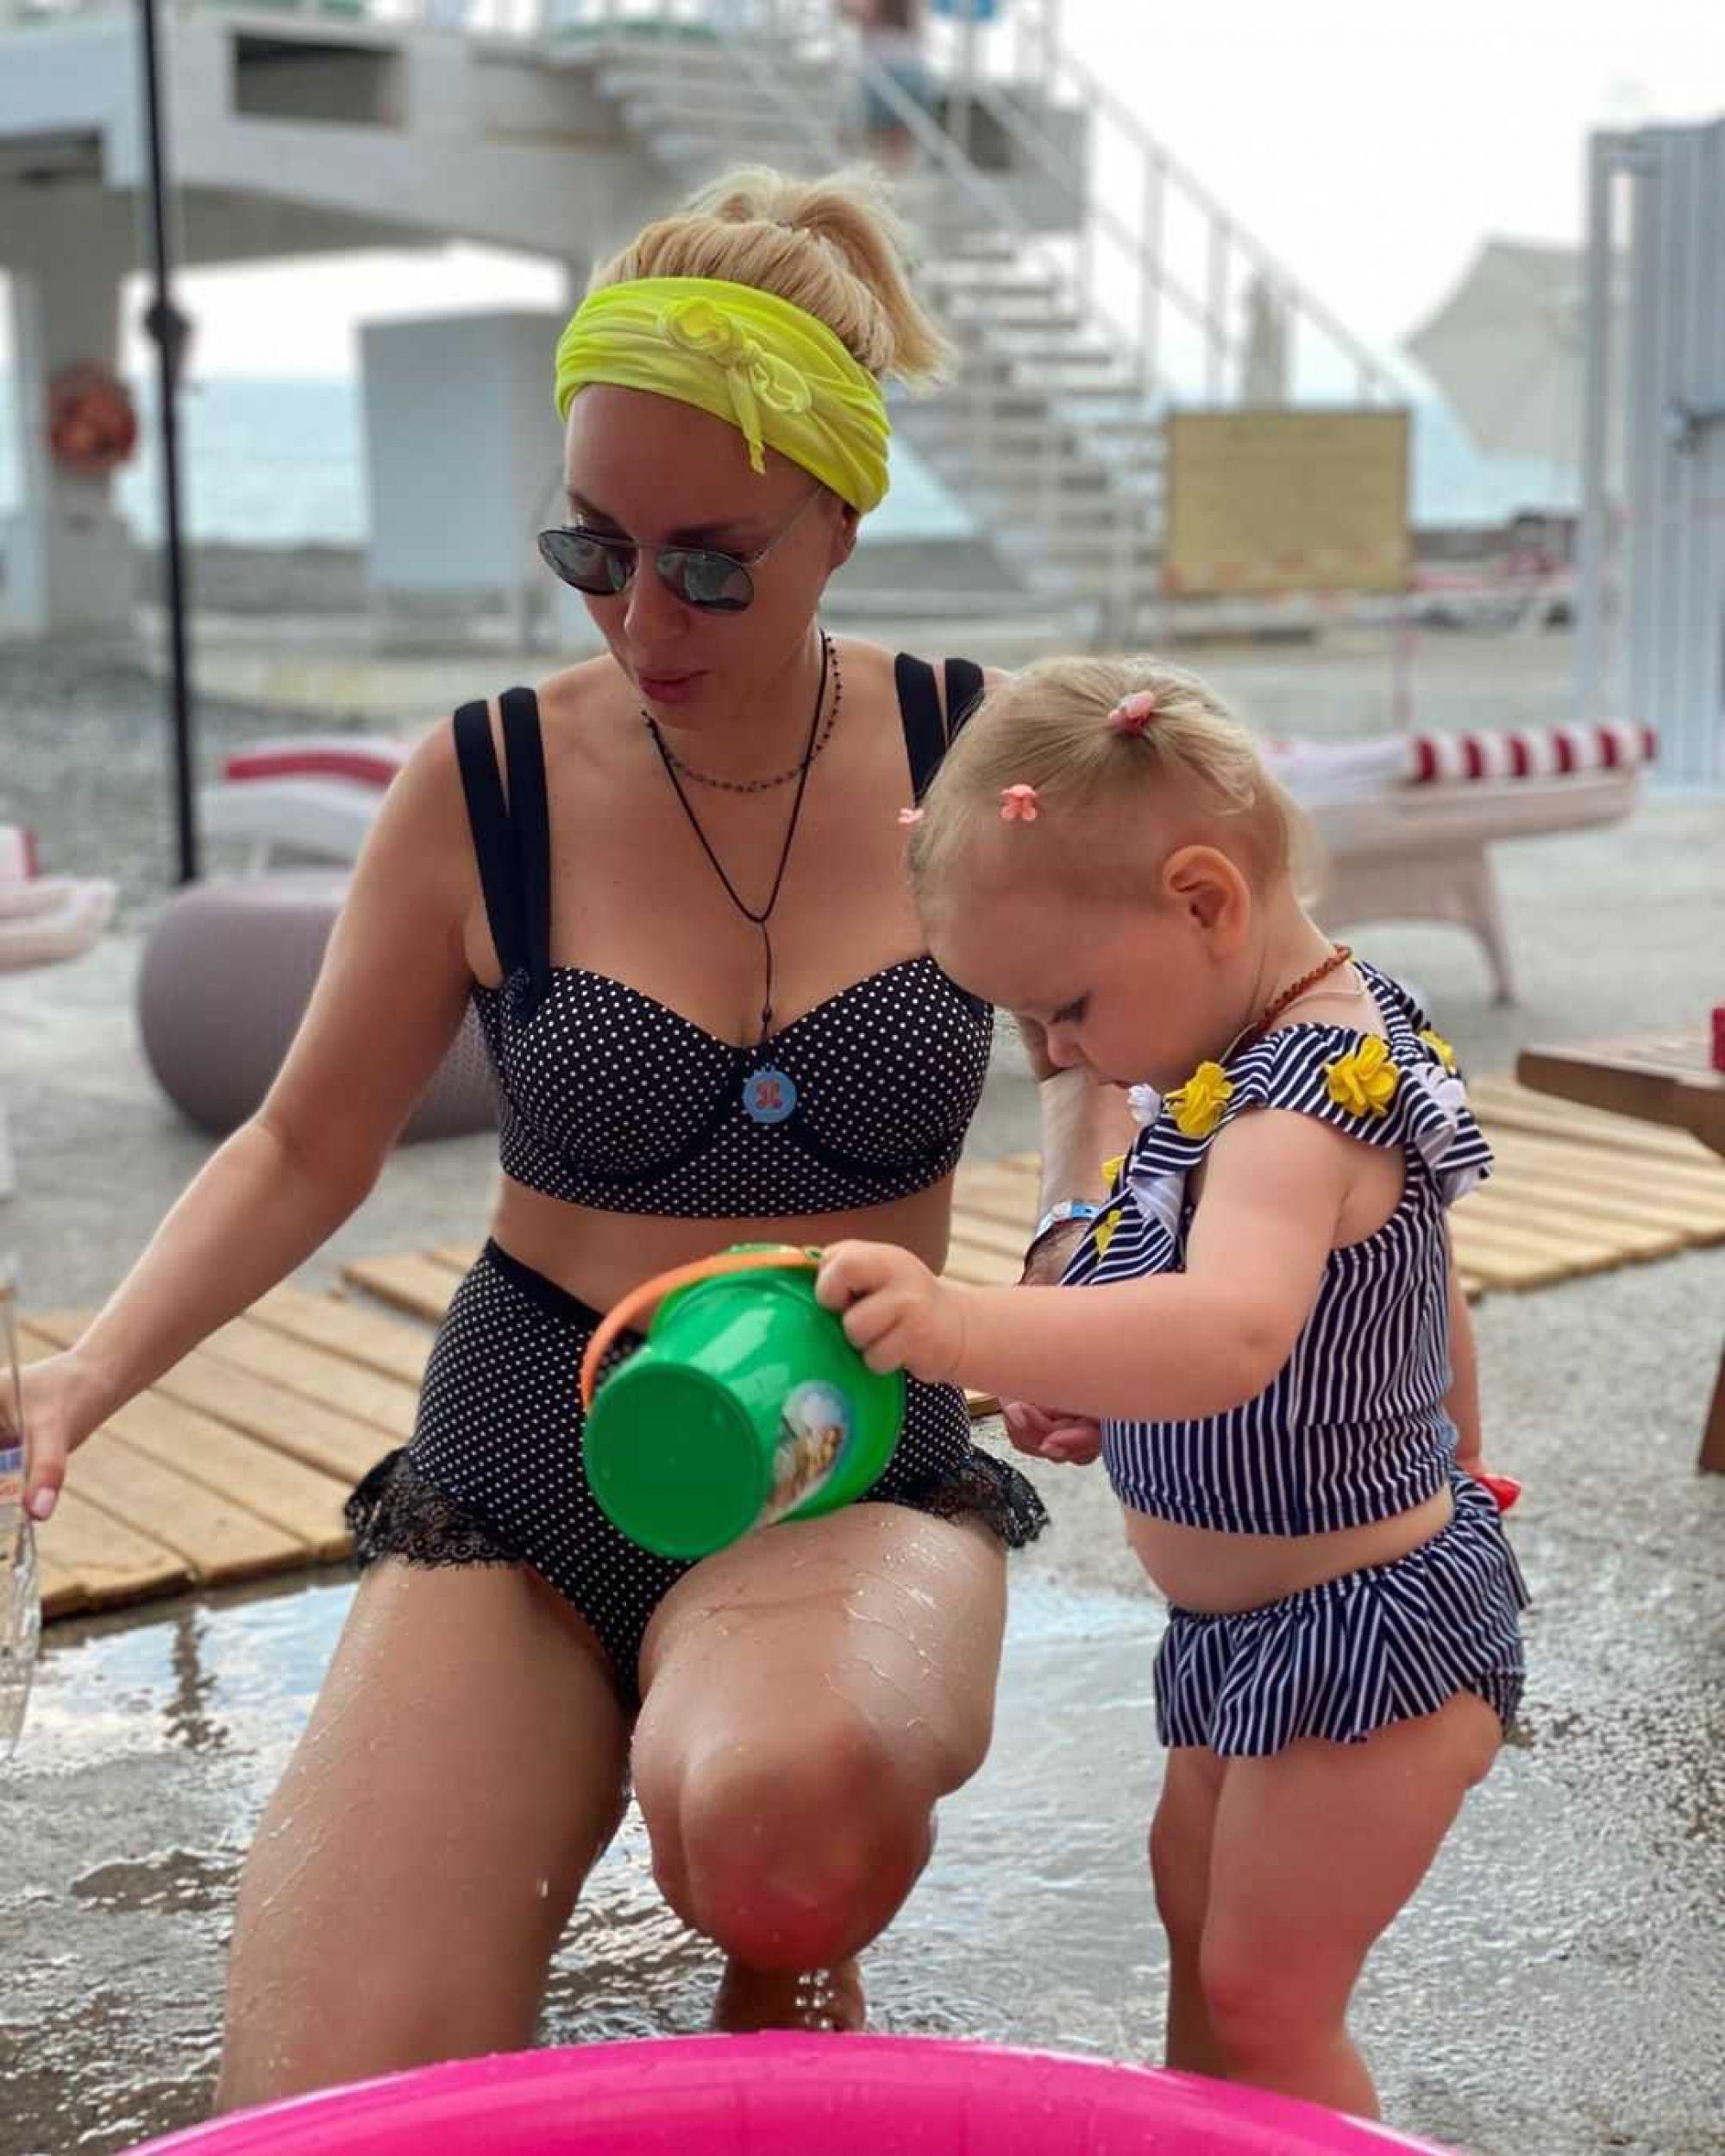 Лера Кудрявцева впервые похвасталась двухлетним внуком